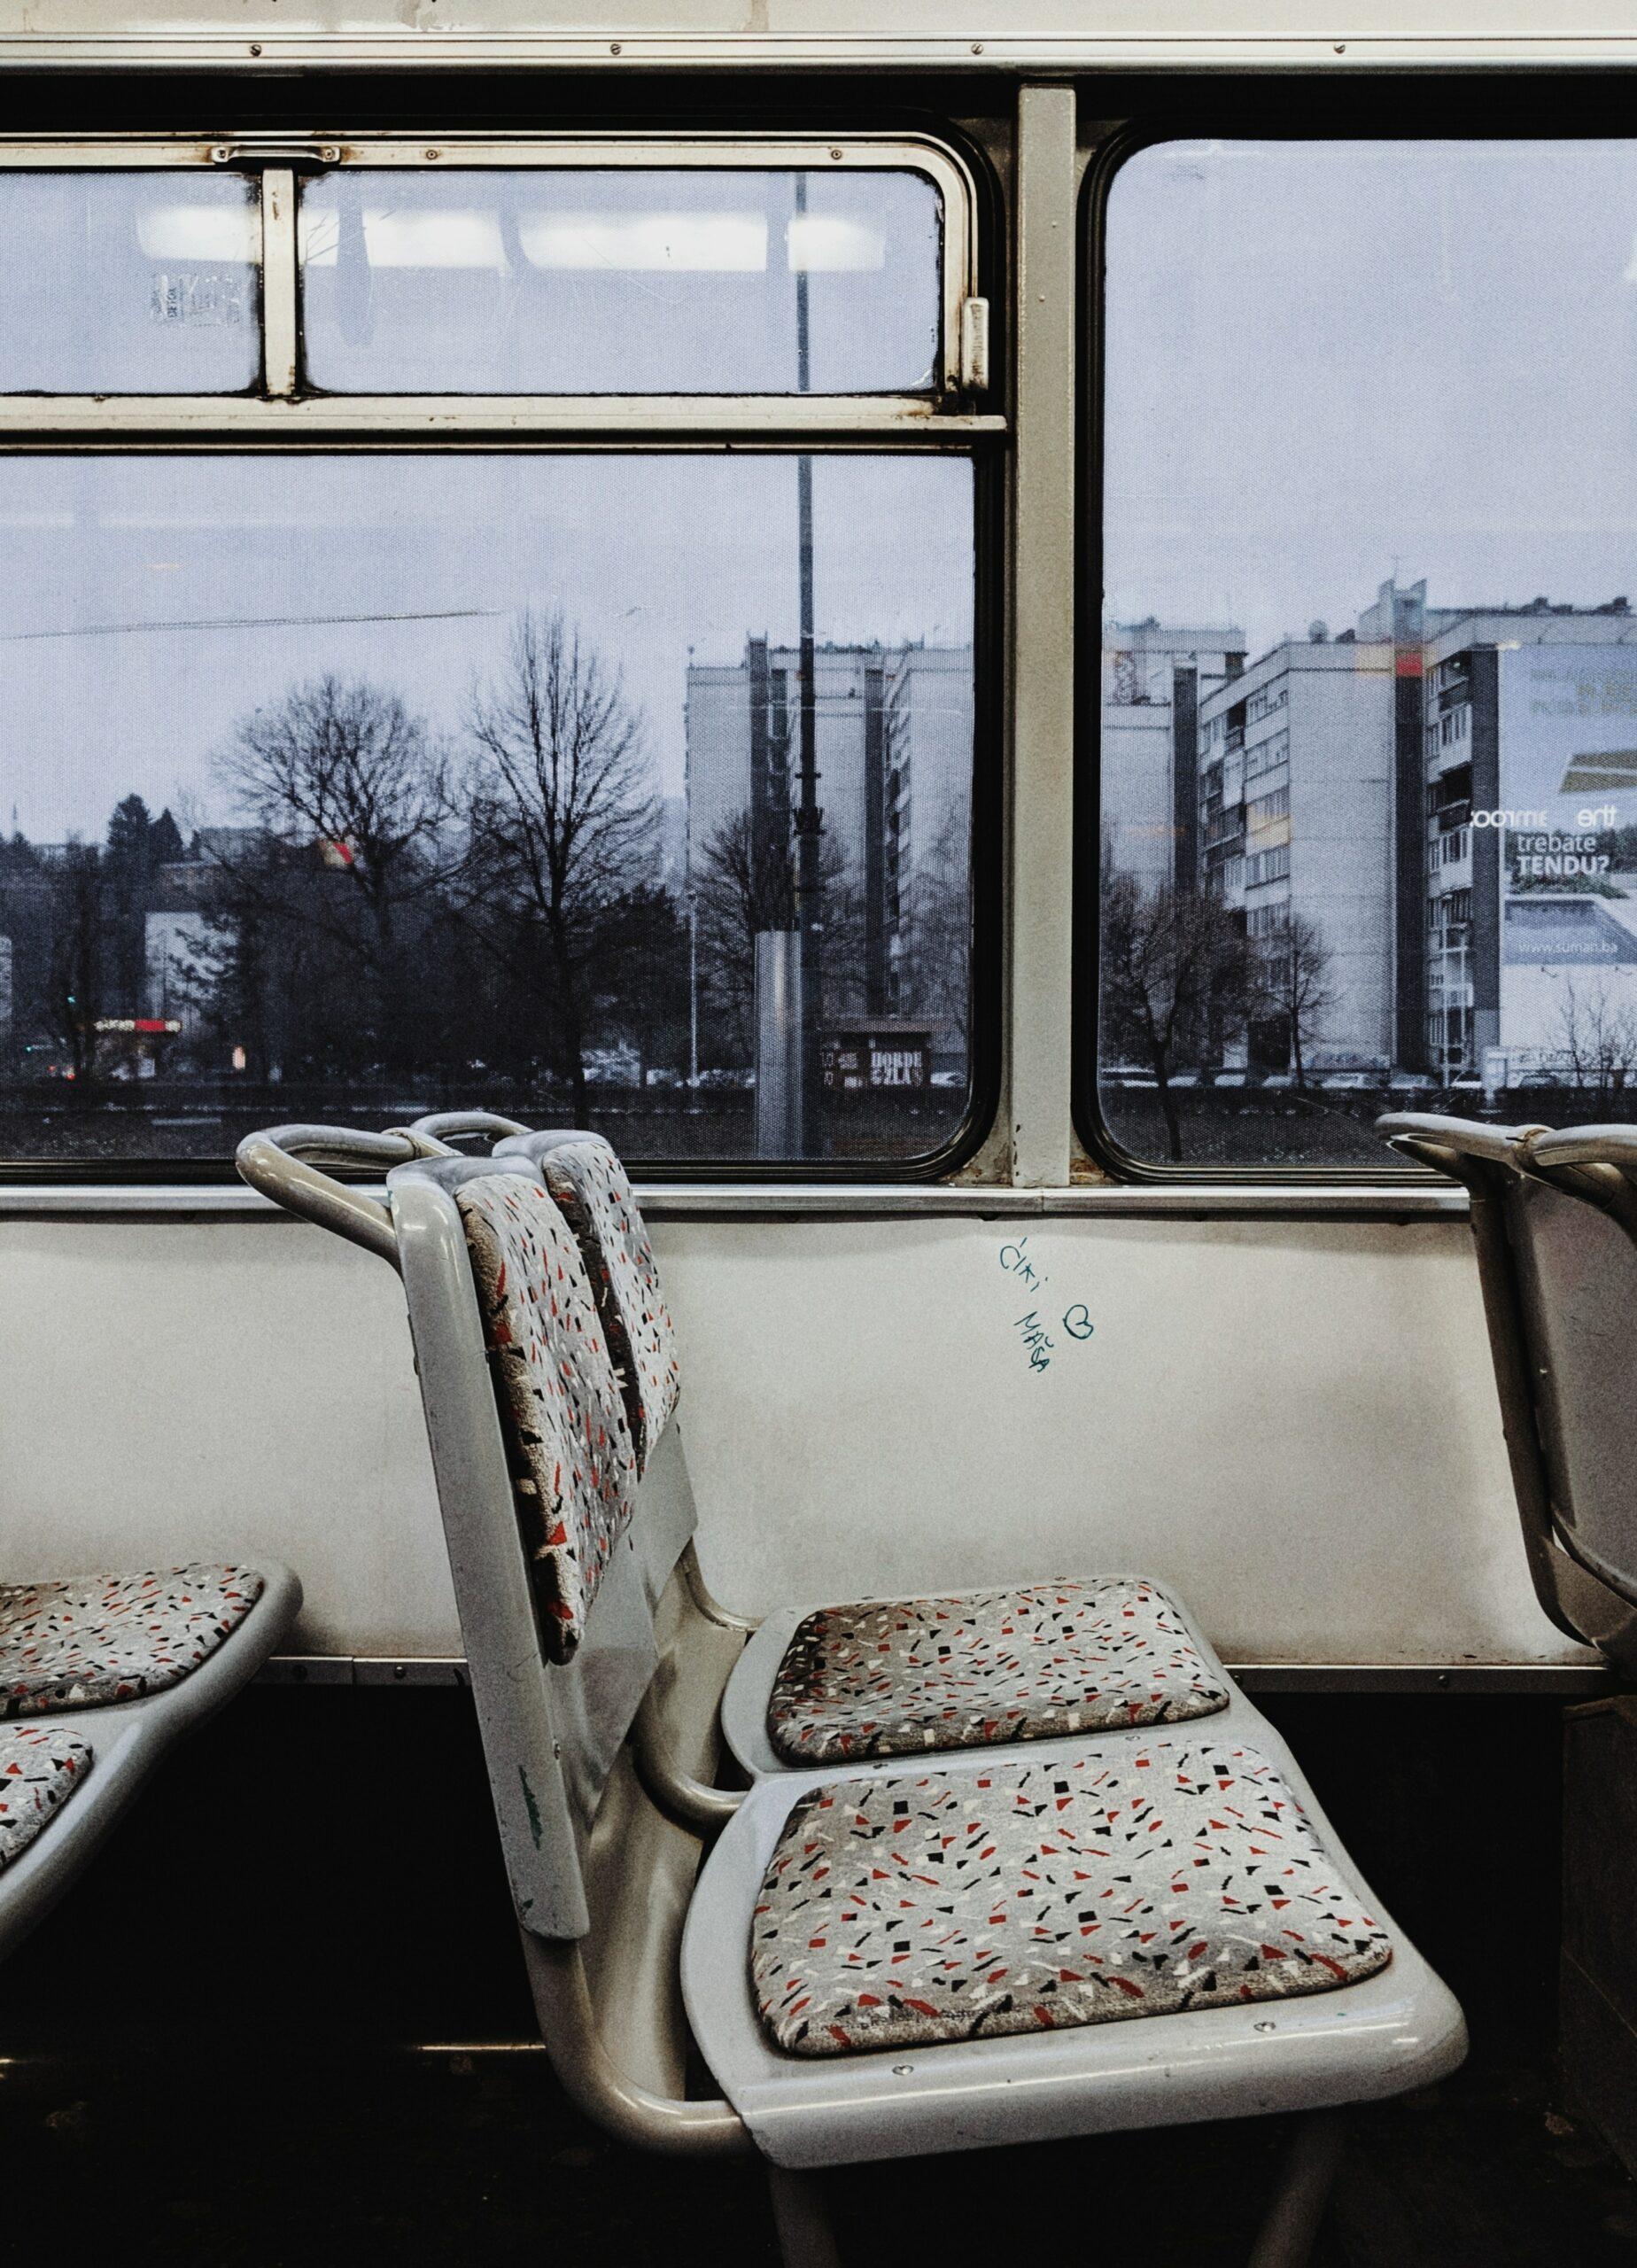 sièges vides dans un tramway